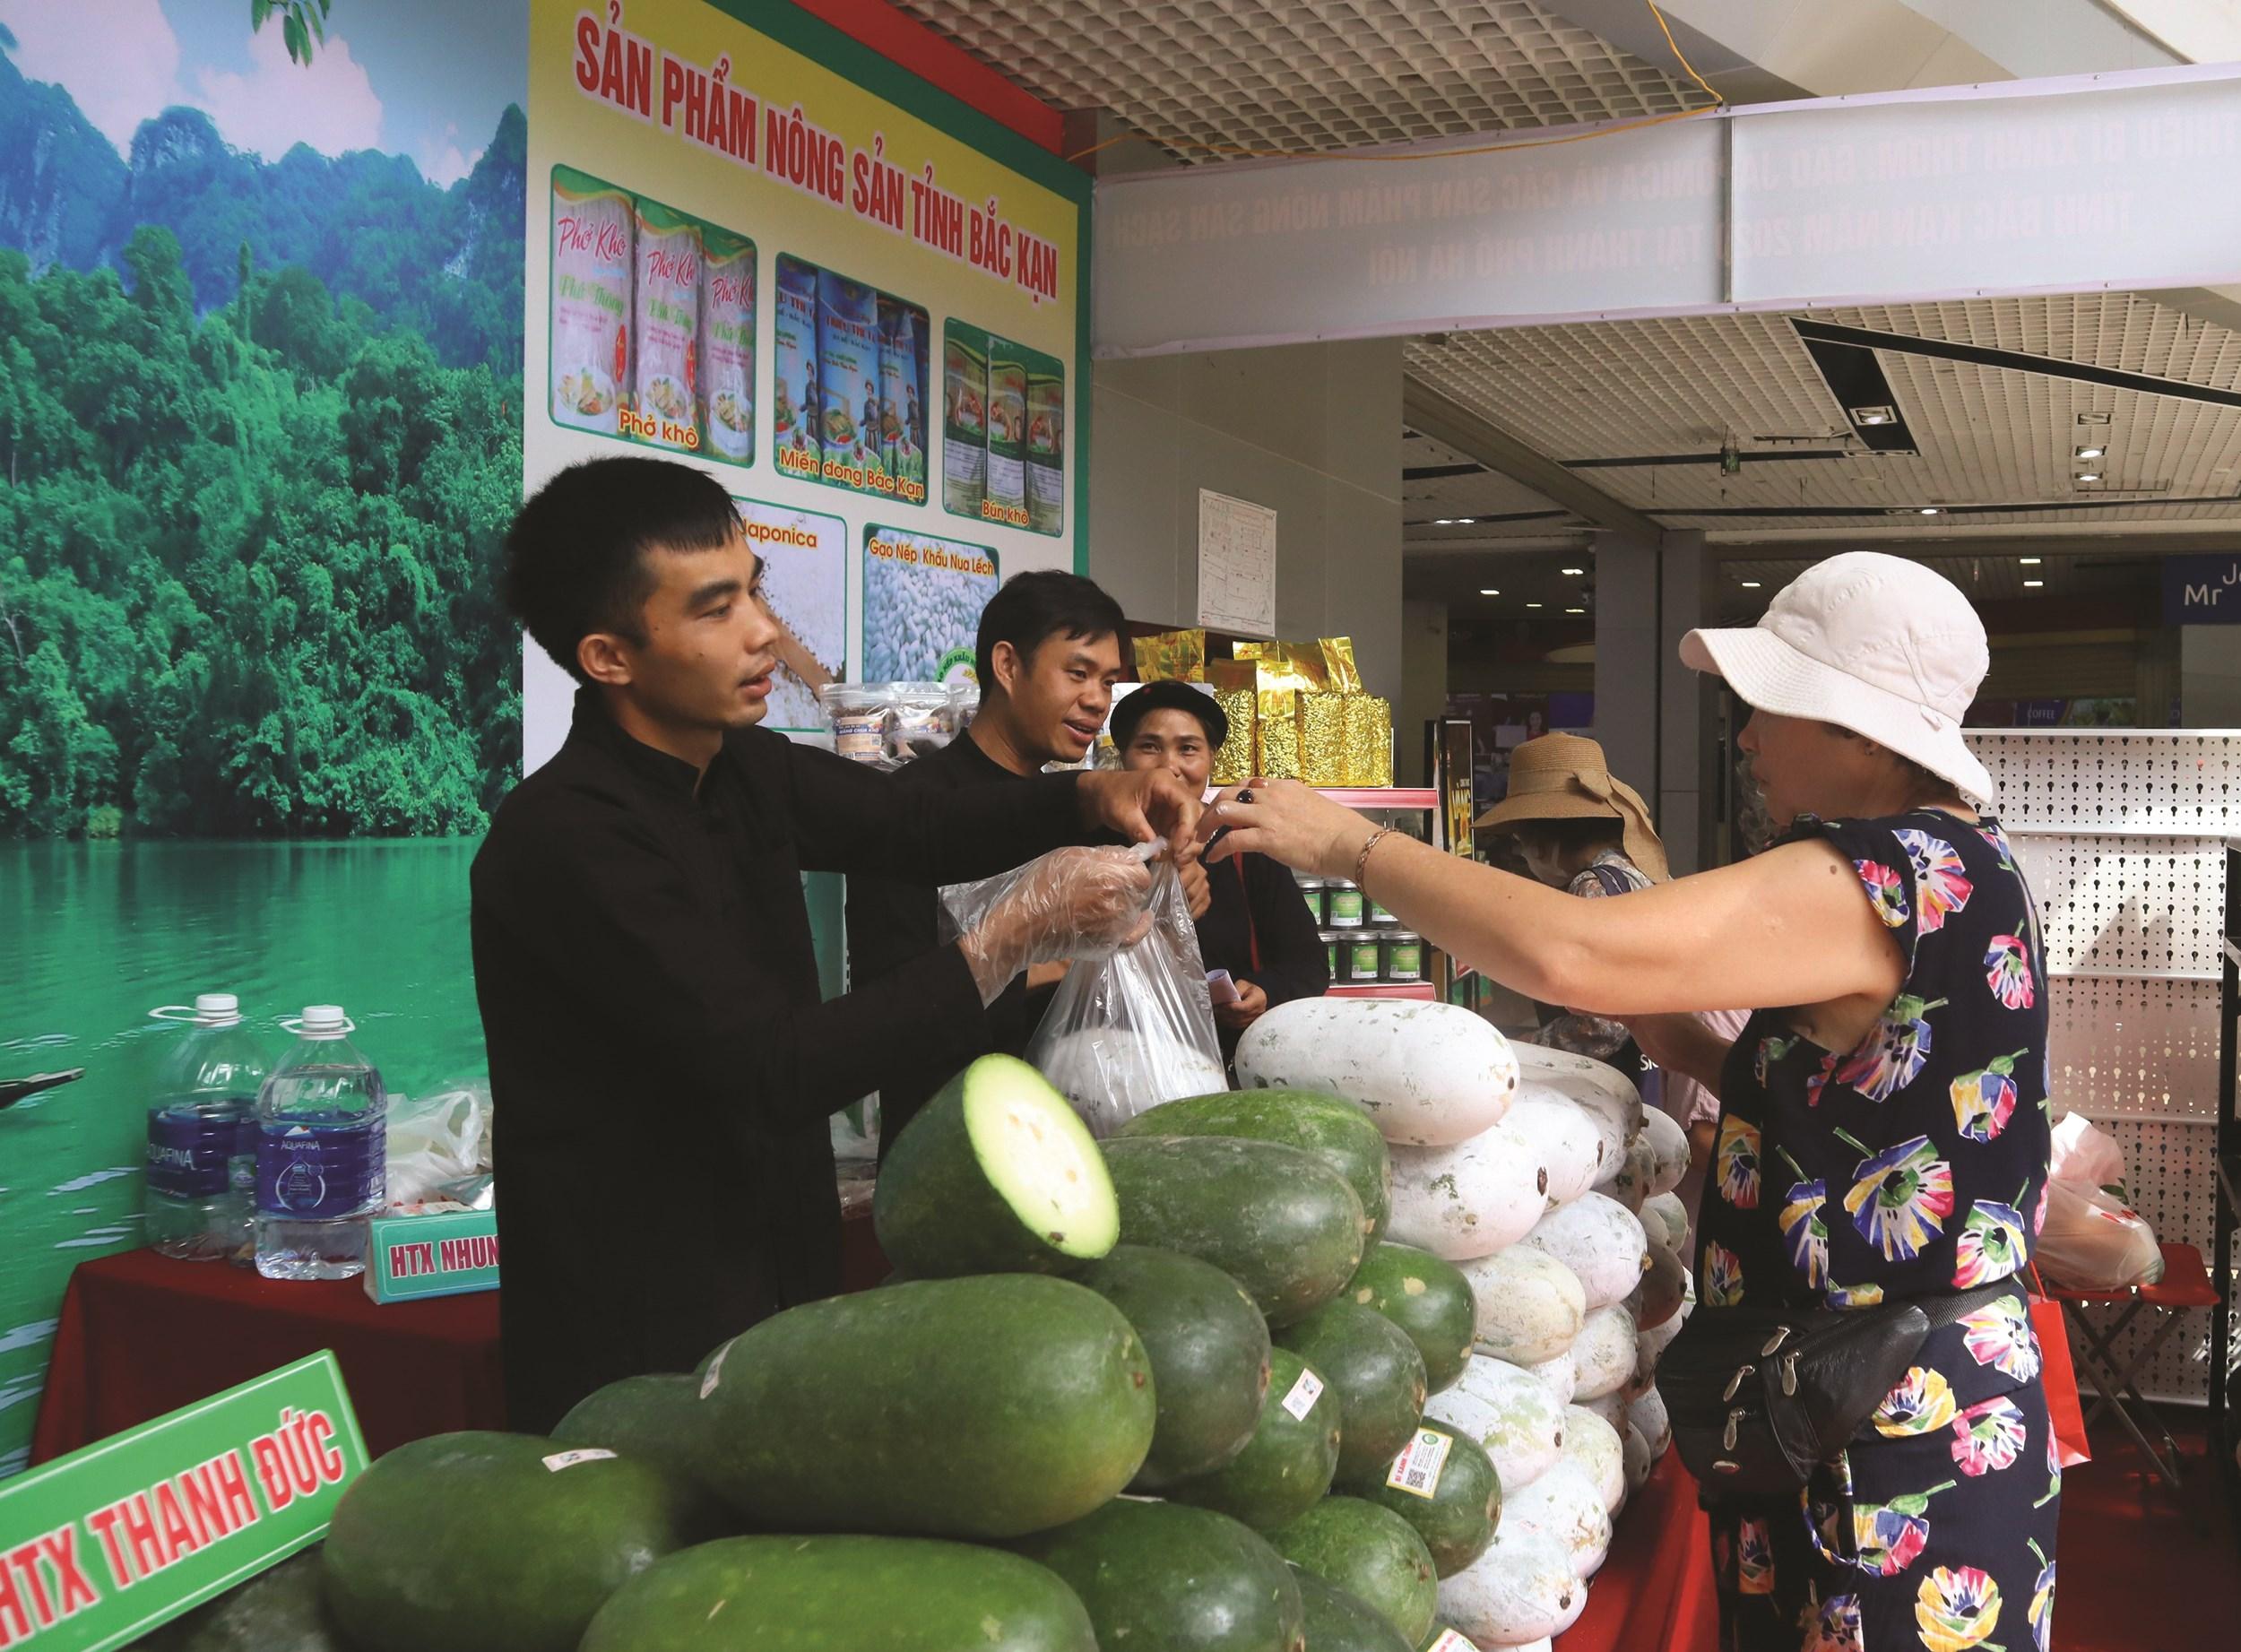 Sản phẩm bí xanh thơm của huyện Ba Bể được giới thiệu, bày bán tại siêu thị ở Hà Nội.